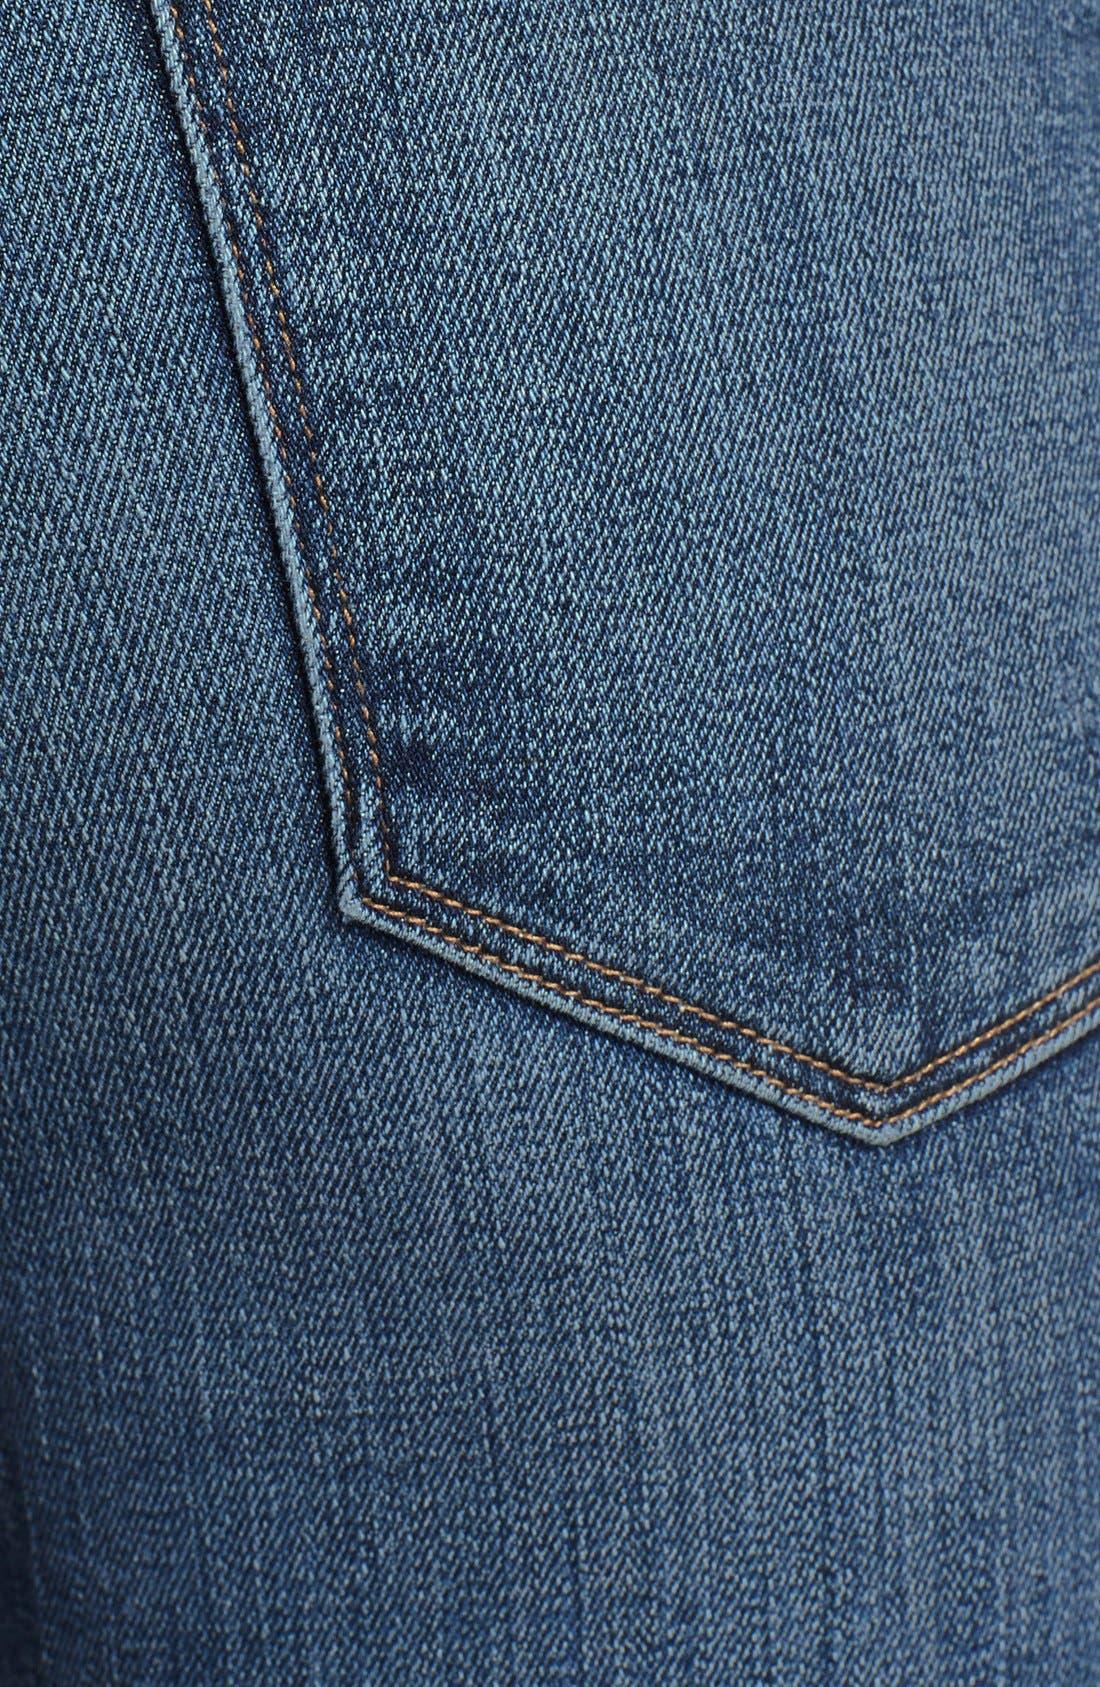 FRAME, Denim 'Le Skinny de Jeanne' Destroyed Jeans, Alternate thumbnail 2, color, 420